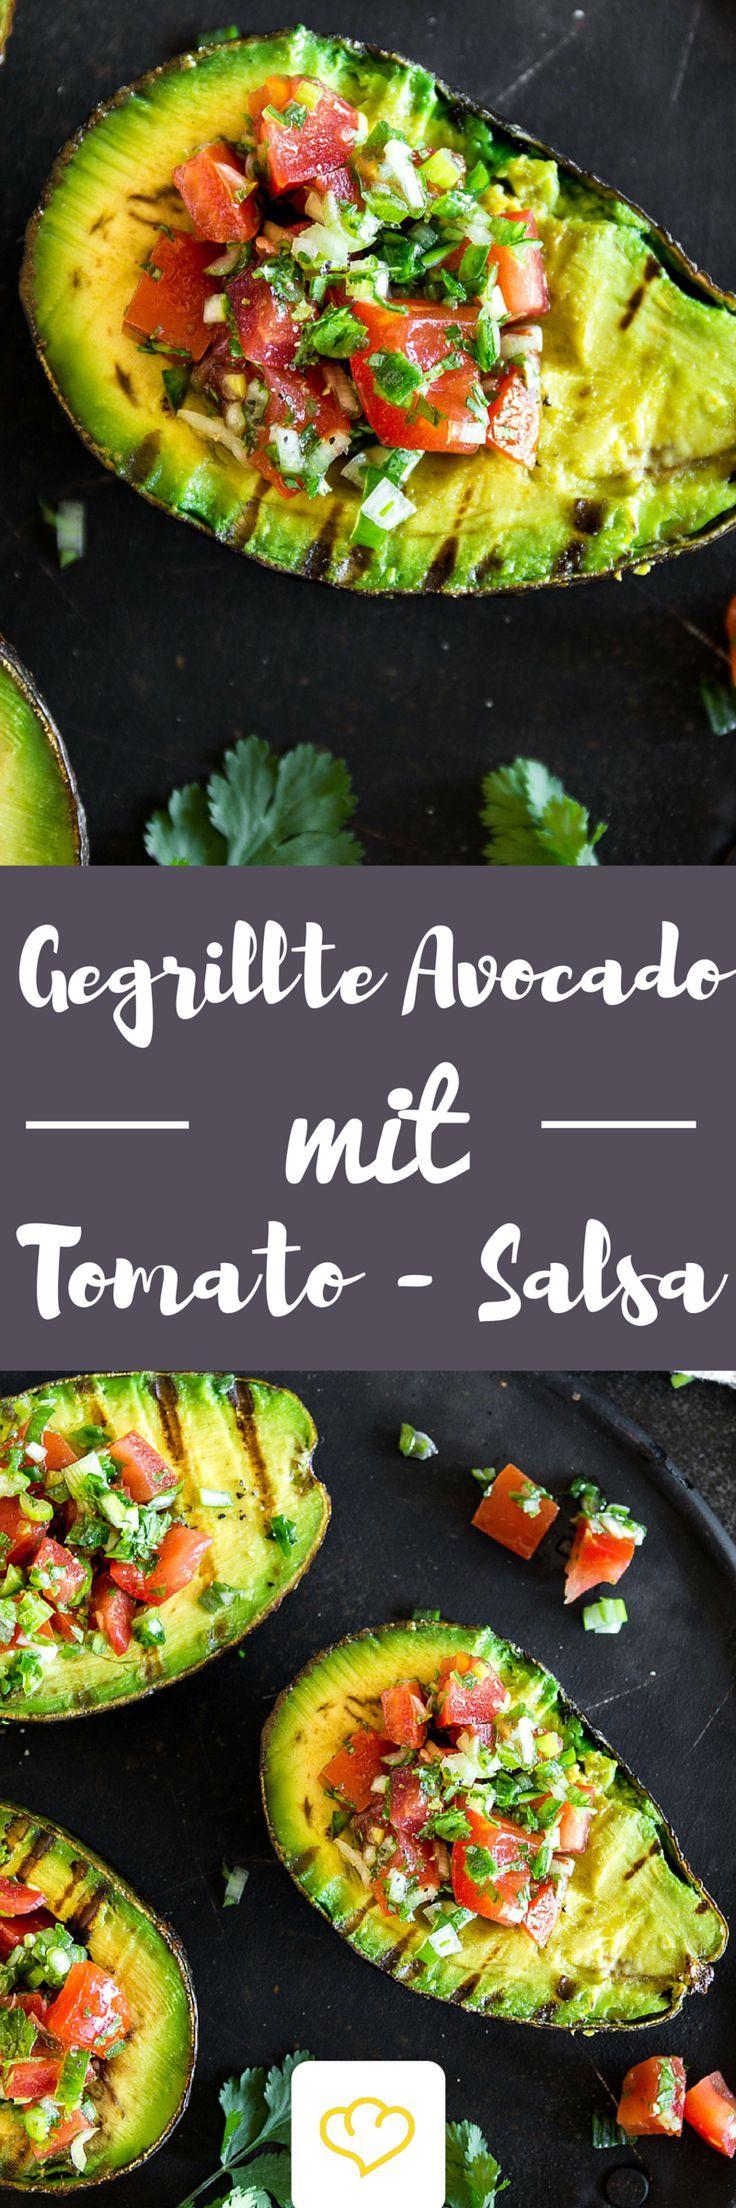 Du hast Avocado noch nicht gegrillt? Solltest du aber! Warm vom Grill und gefüllt mit einer fruchtig-scharfen Salsa kommst du mit dem Löffeln gar nicht mehr hinterher – so verdammt lecker ist die Avocado. Und so einfach zubereitet. Und so schnell gemacht. Und … .: